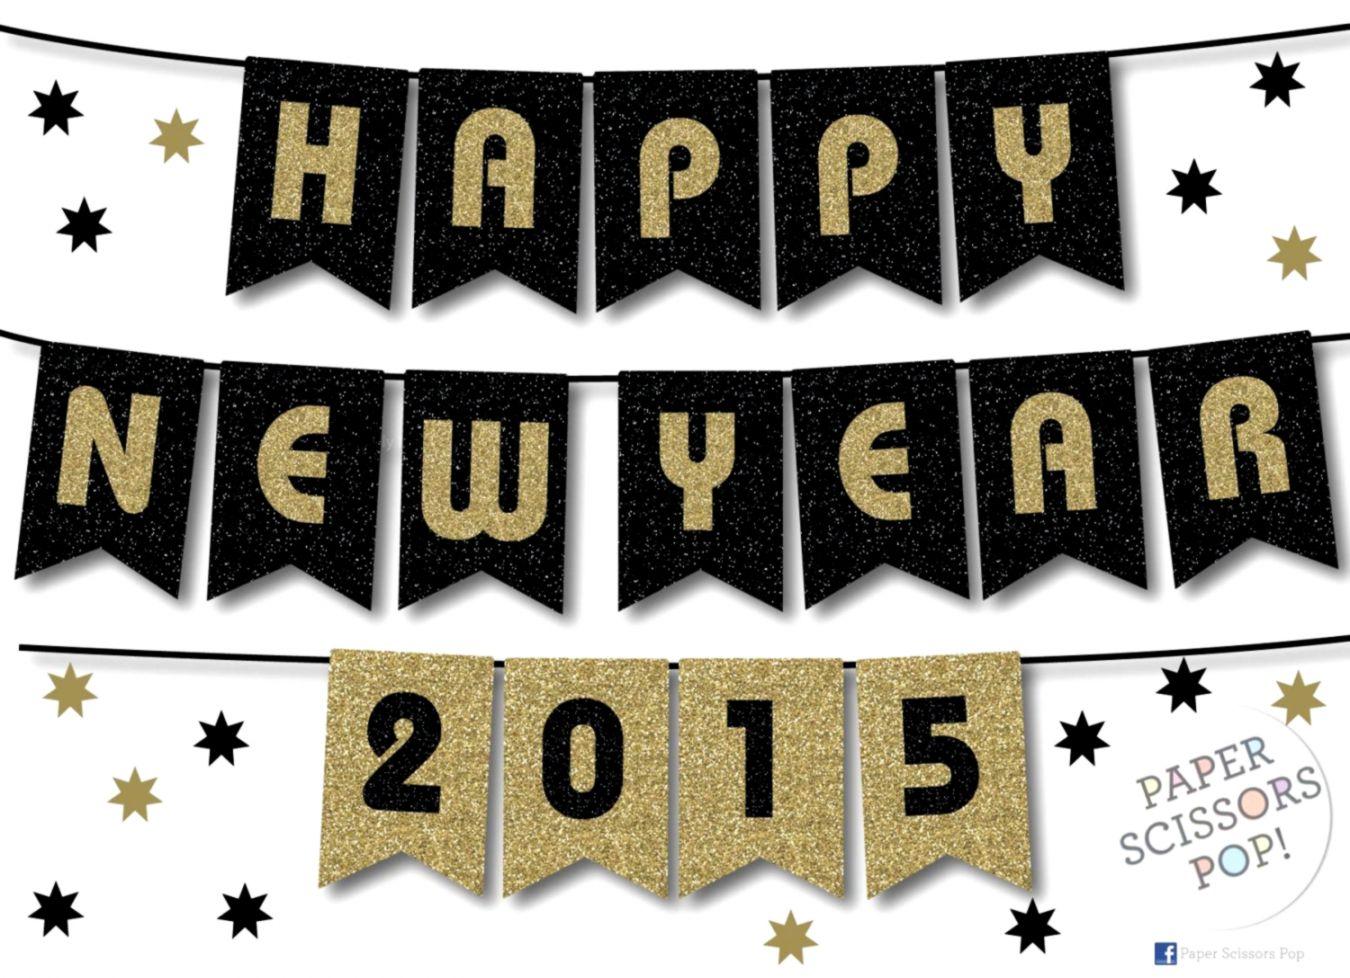 Uncategorized Happy New Year Decoration Ideas happy new year decoration ideas cbaarch com of hy best image background